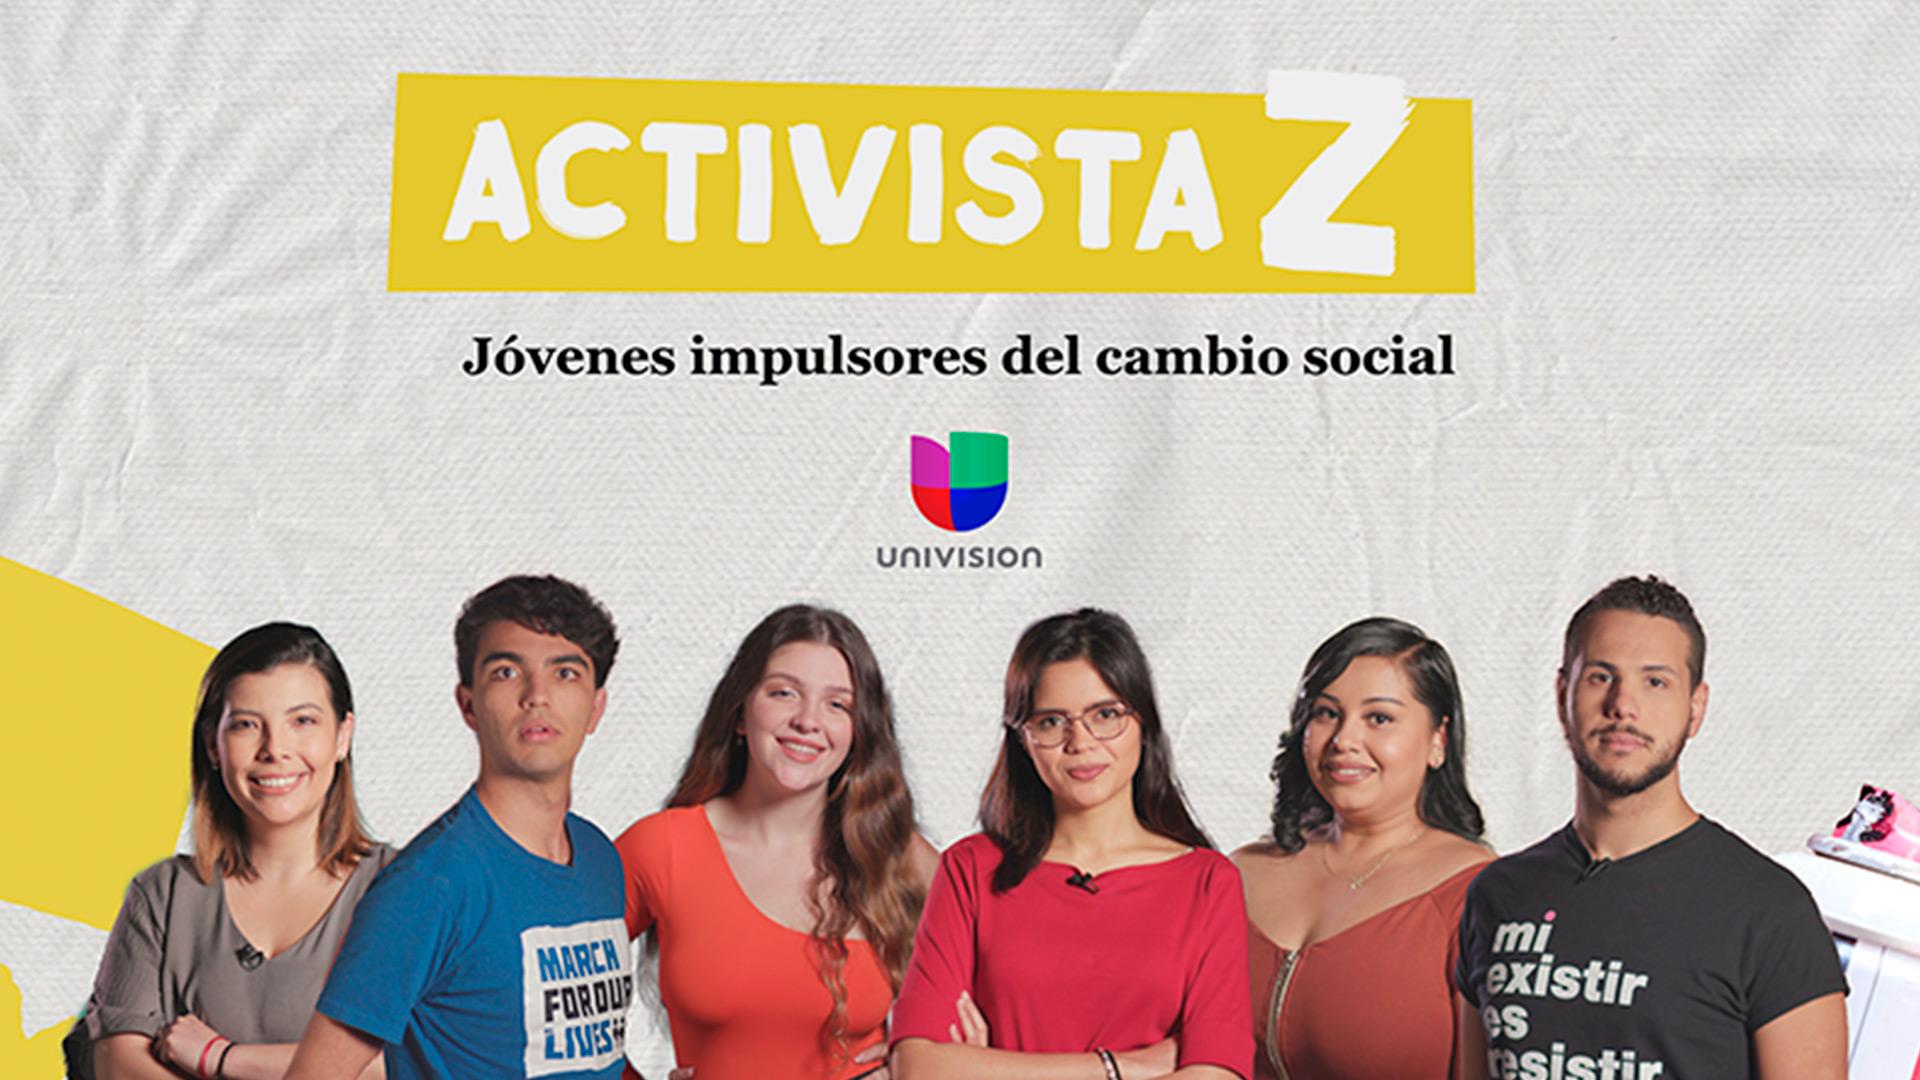 galeria-01-activistaz